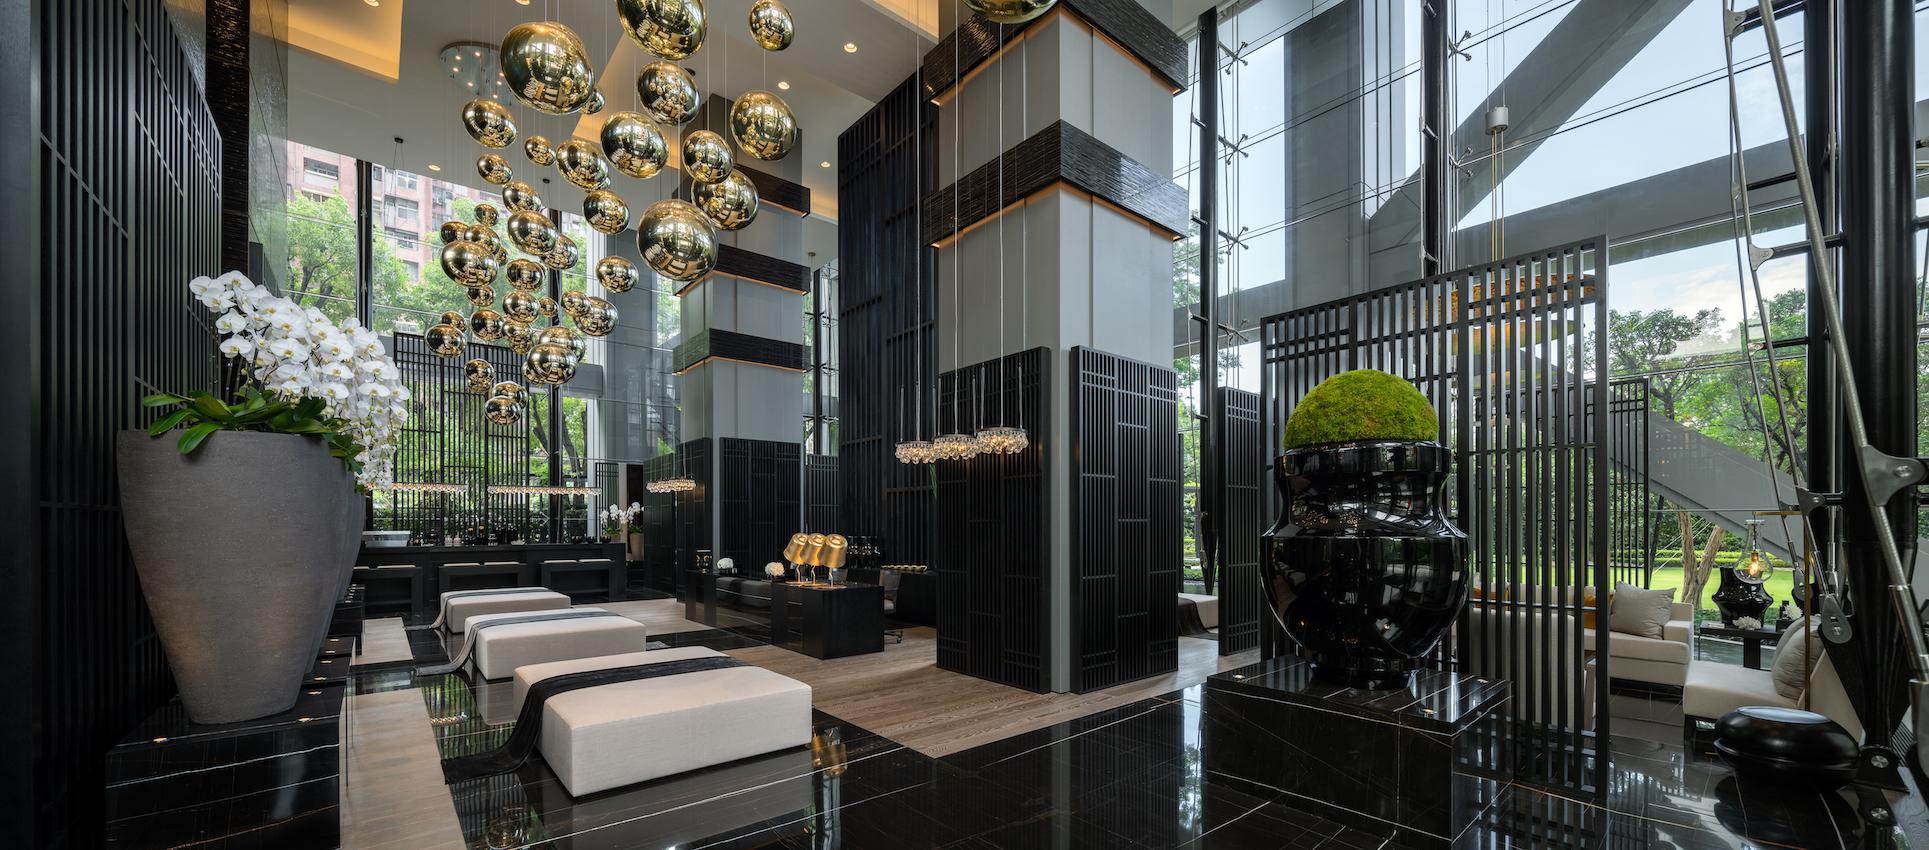 1571999934 217 serene livable luxury is the focus of taipei residential towers - Serene, Livable Luxury is the Focus of Taipei Residential Towers